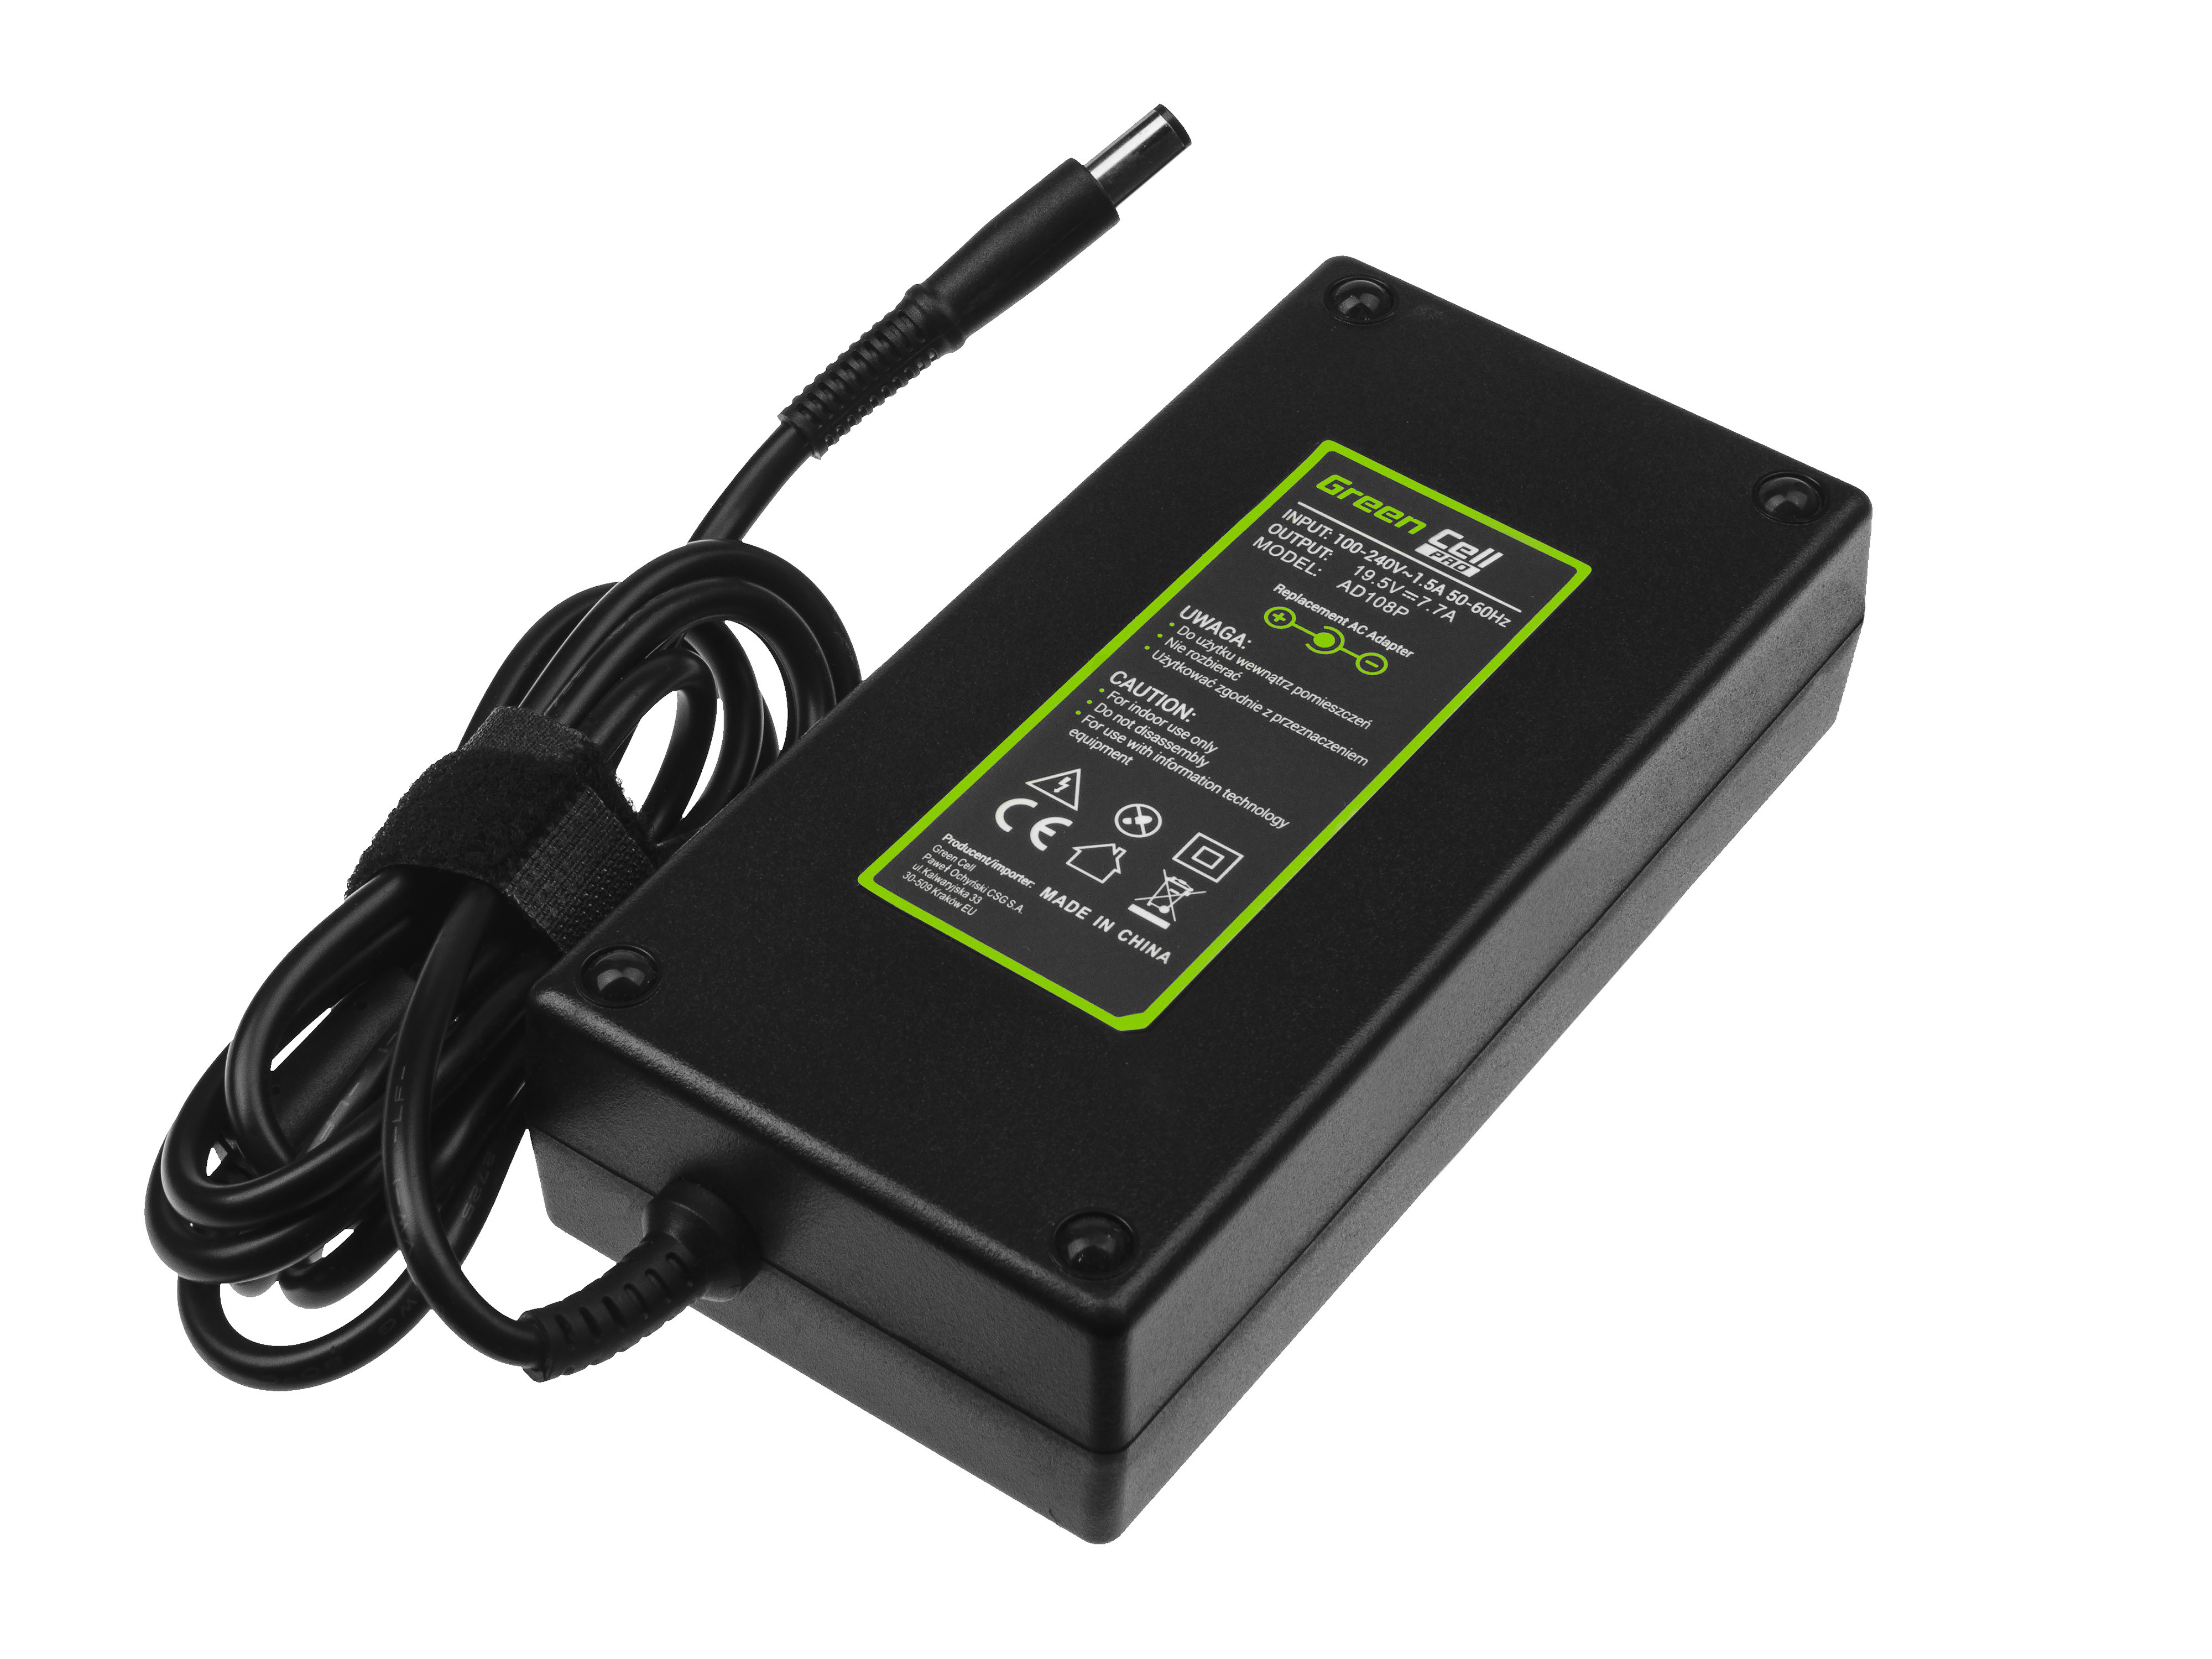 Green Cell PRO Charger AC Adapter 19.5V 7.7A 150W PA-15 PA-5M10 DA150PM100-00 for Dell Alienware M14x Dell Latitude E5450 E5550